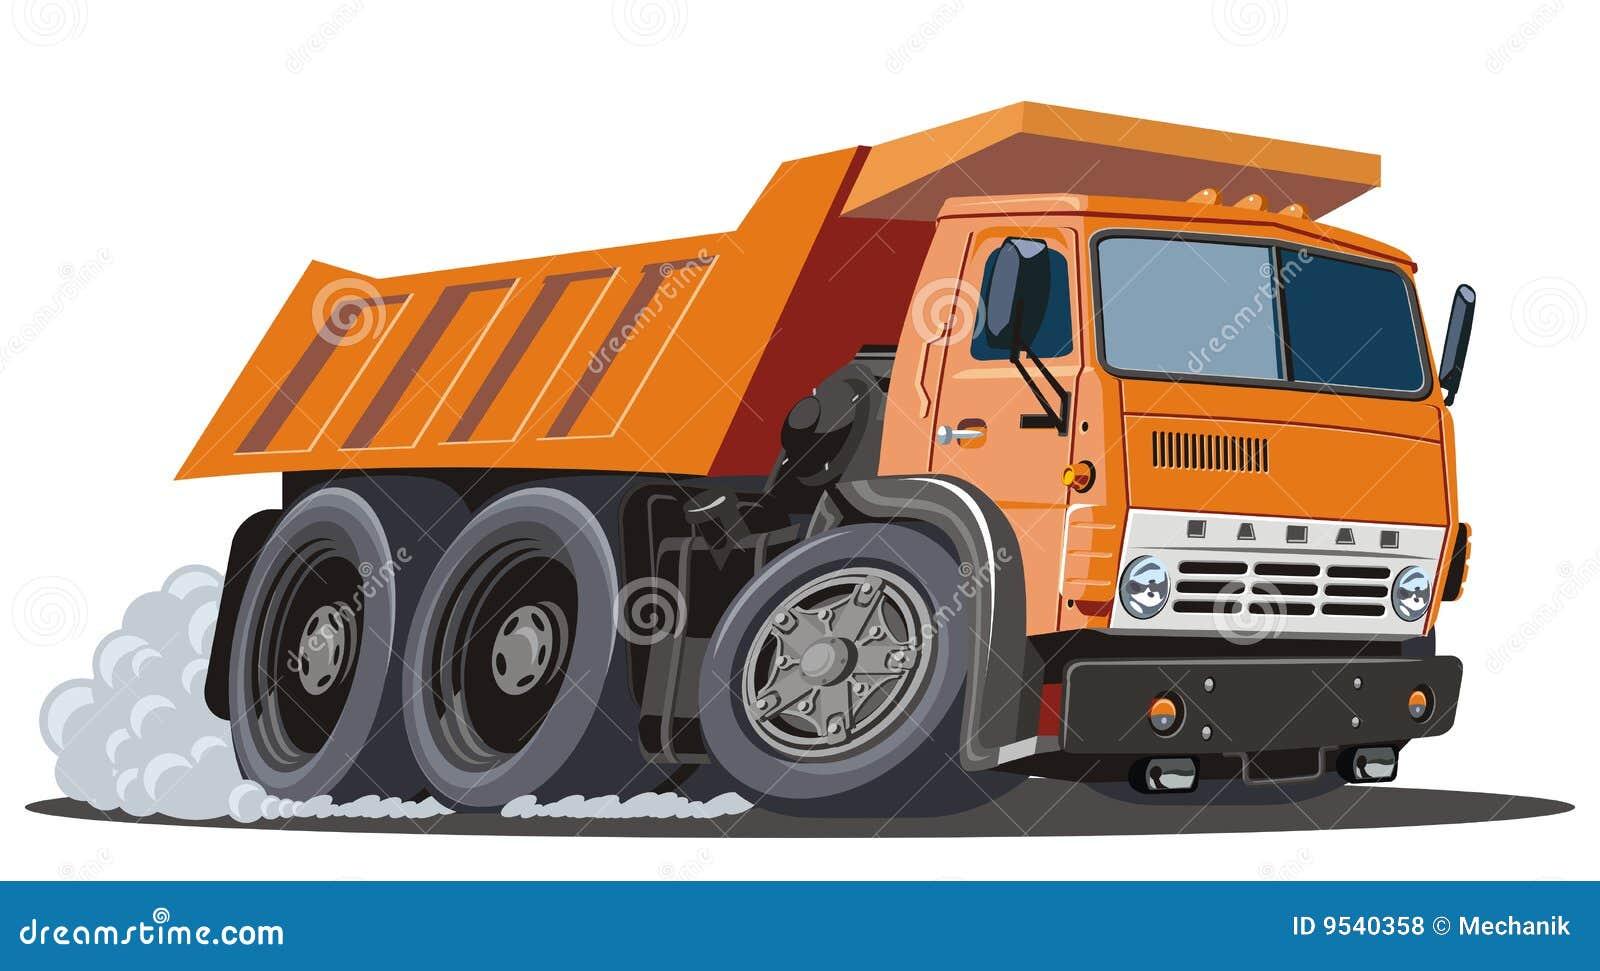 Starting a Dump Truck Business